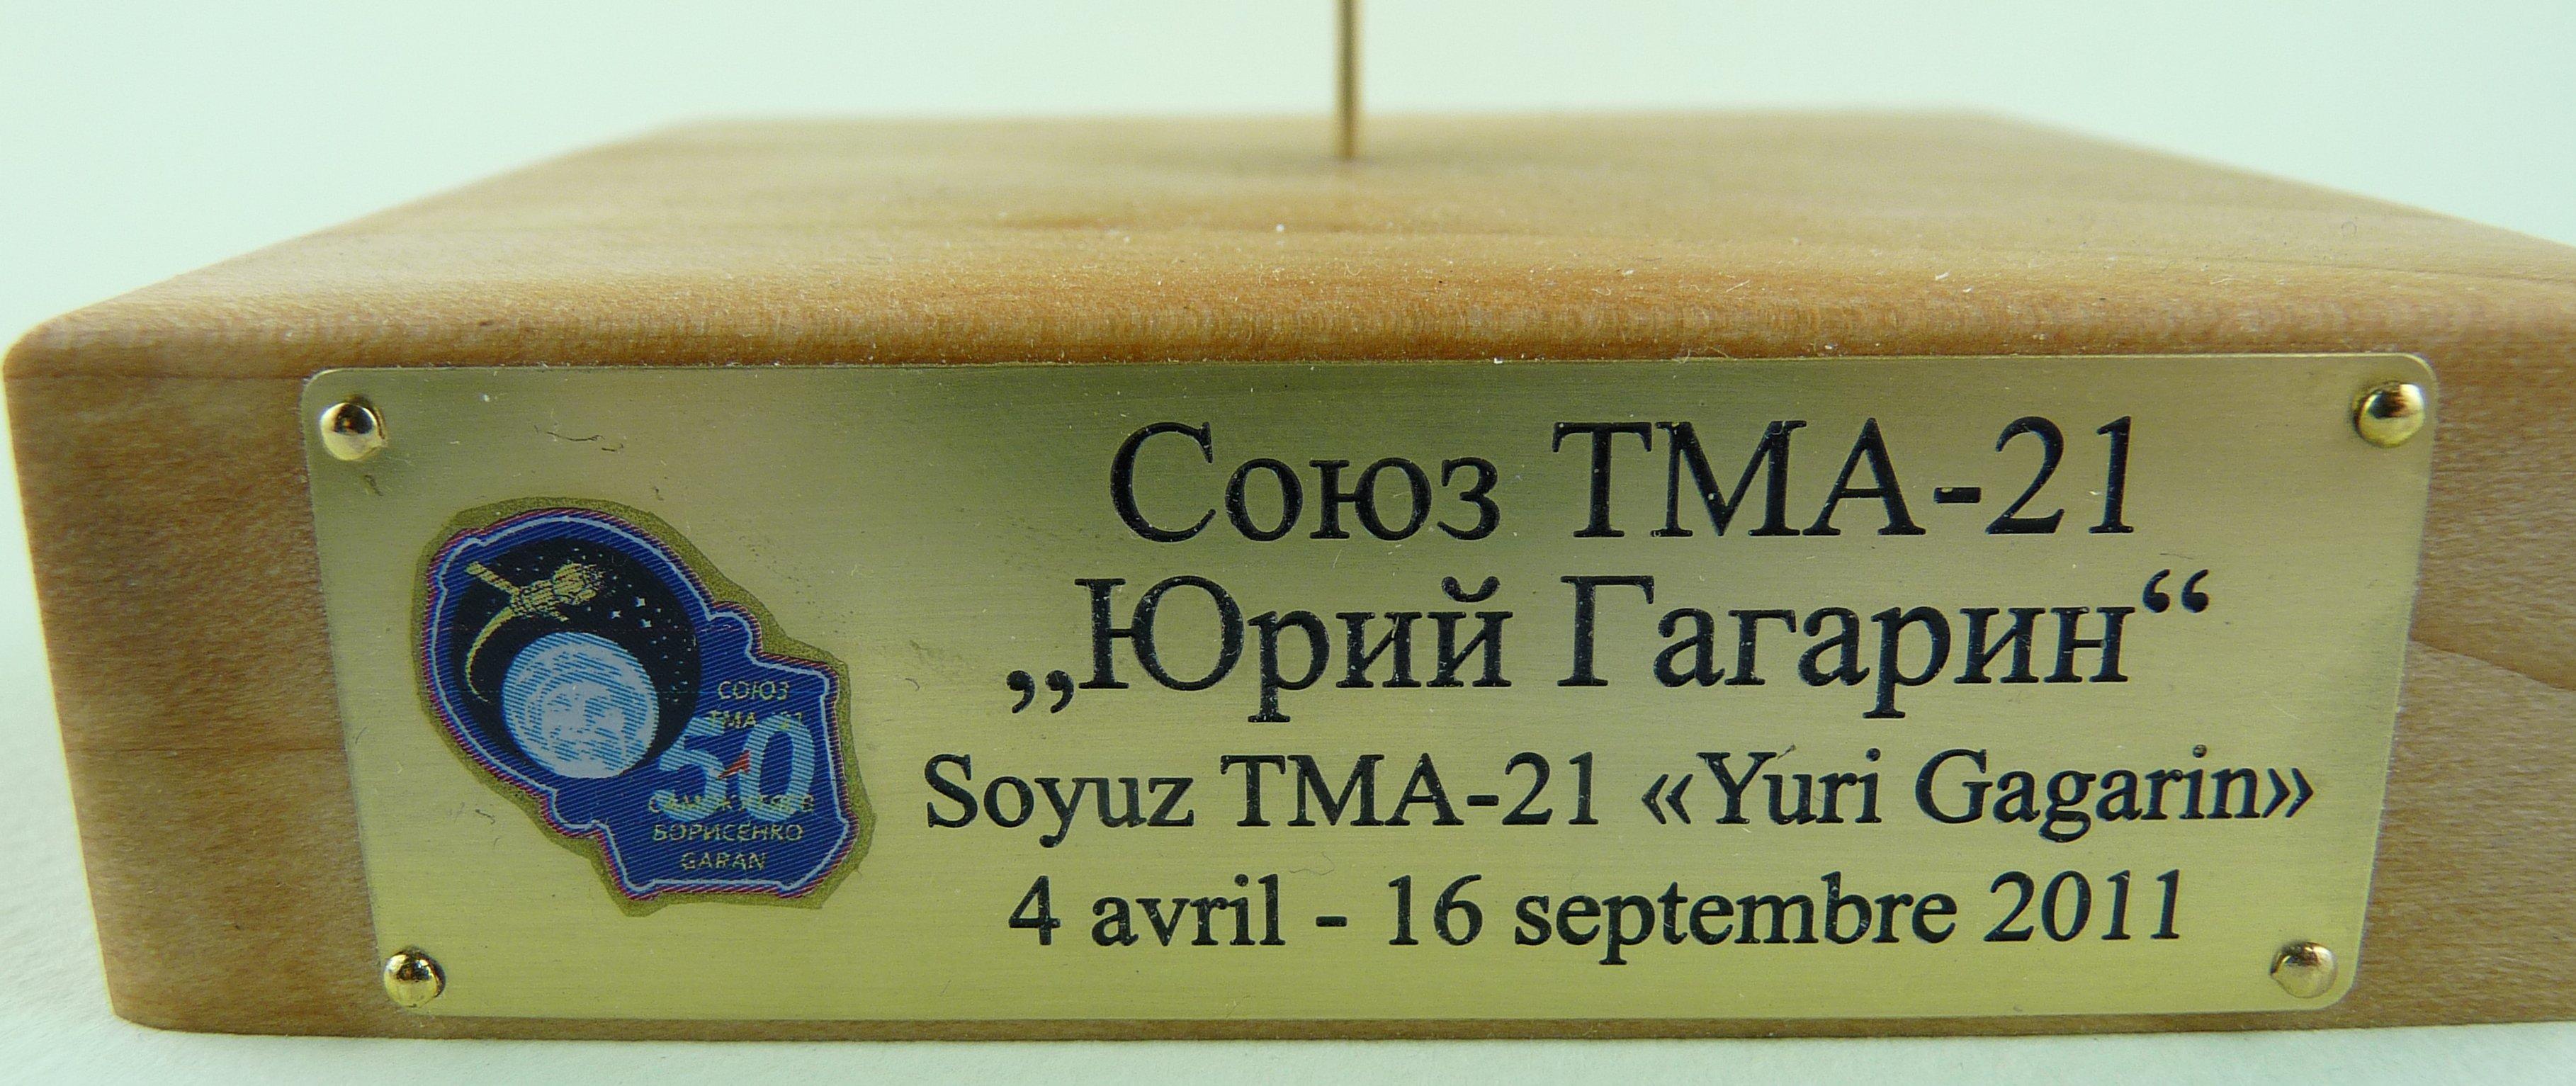 La fusée russe Soyouz TMA-21 sur son pas de tir au 144e  17072611364423134915171437